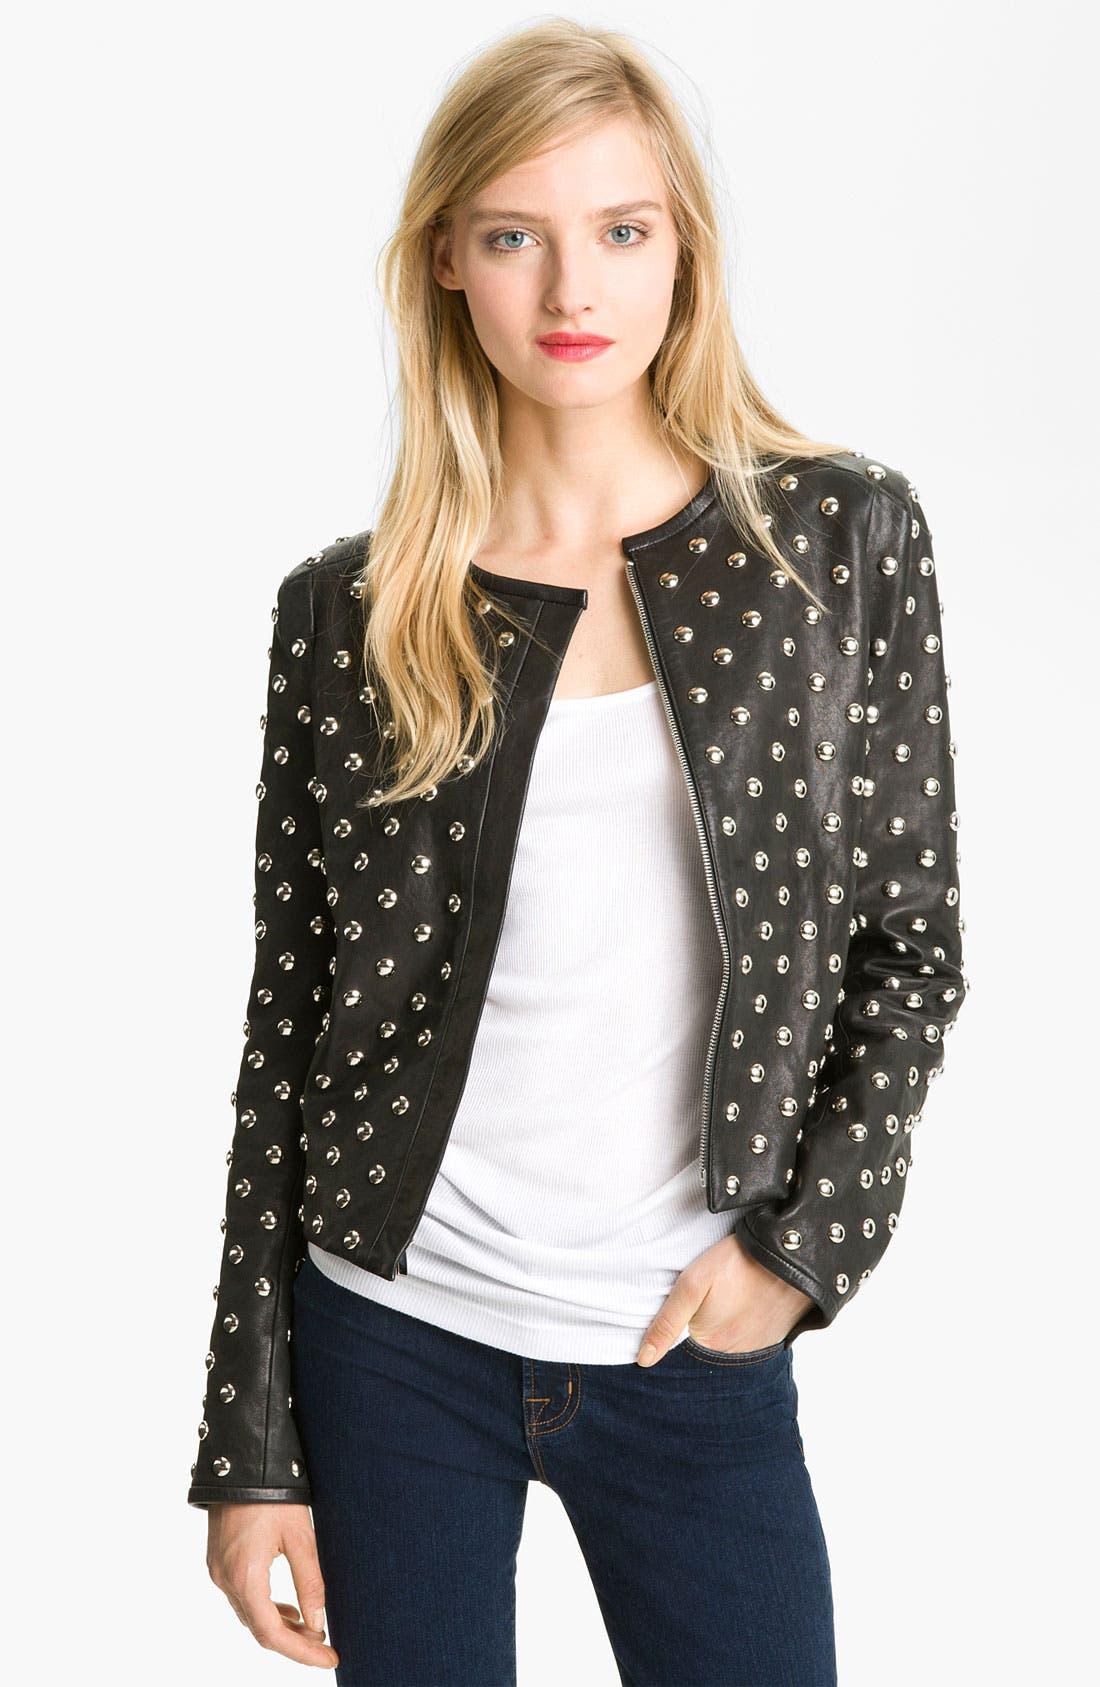 Alternate Image 1 Selected - Diane von Furstenberg 'Kate' Studded Leather Jacket